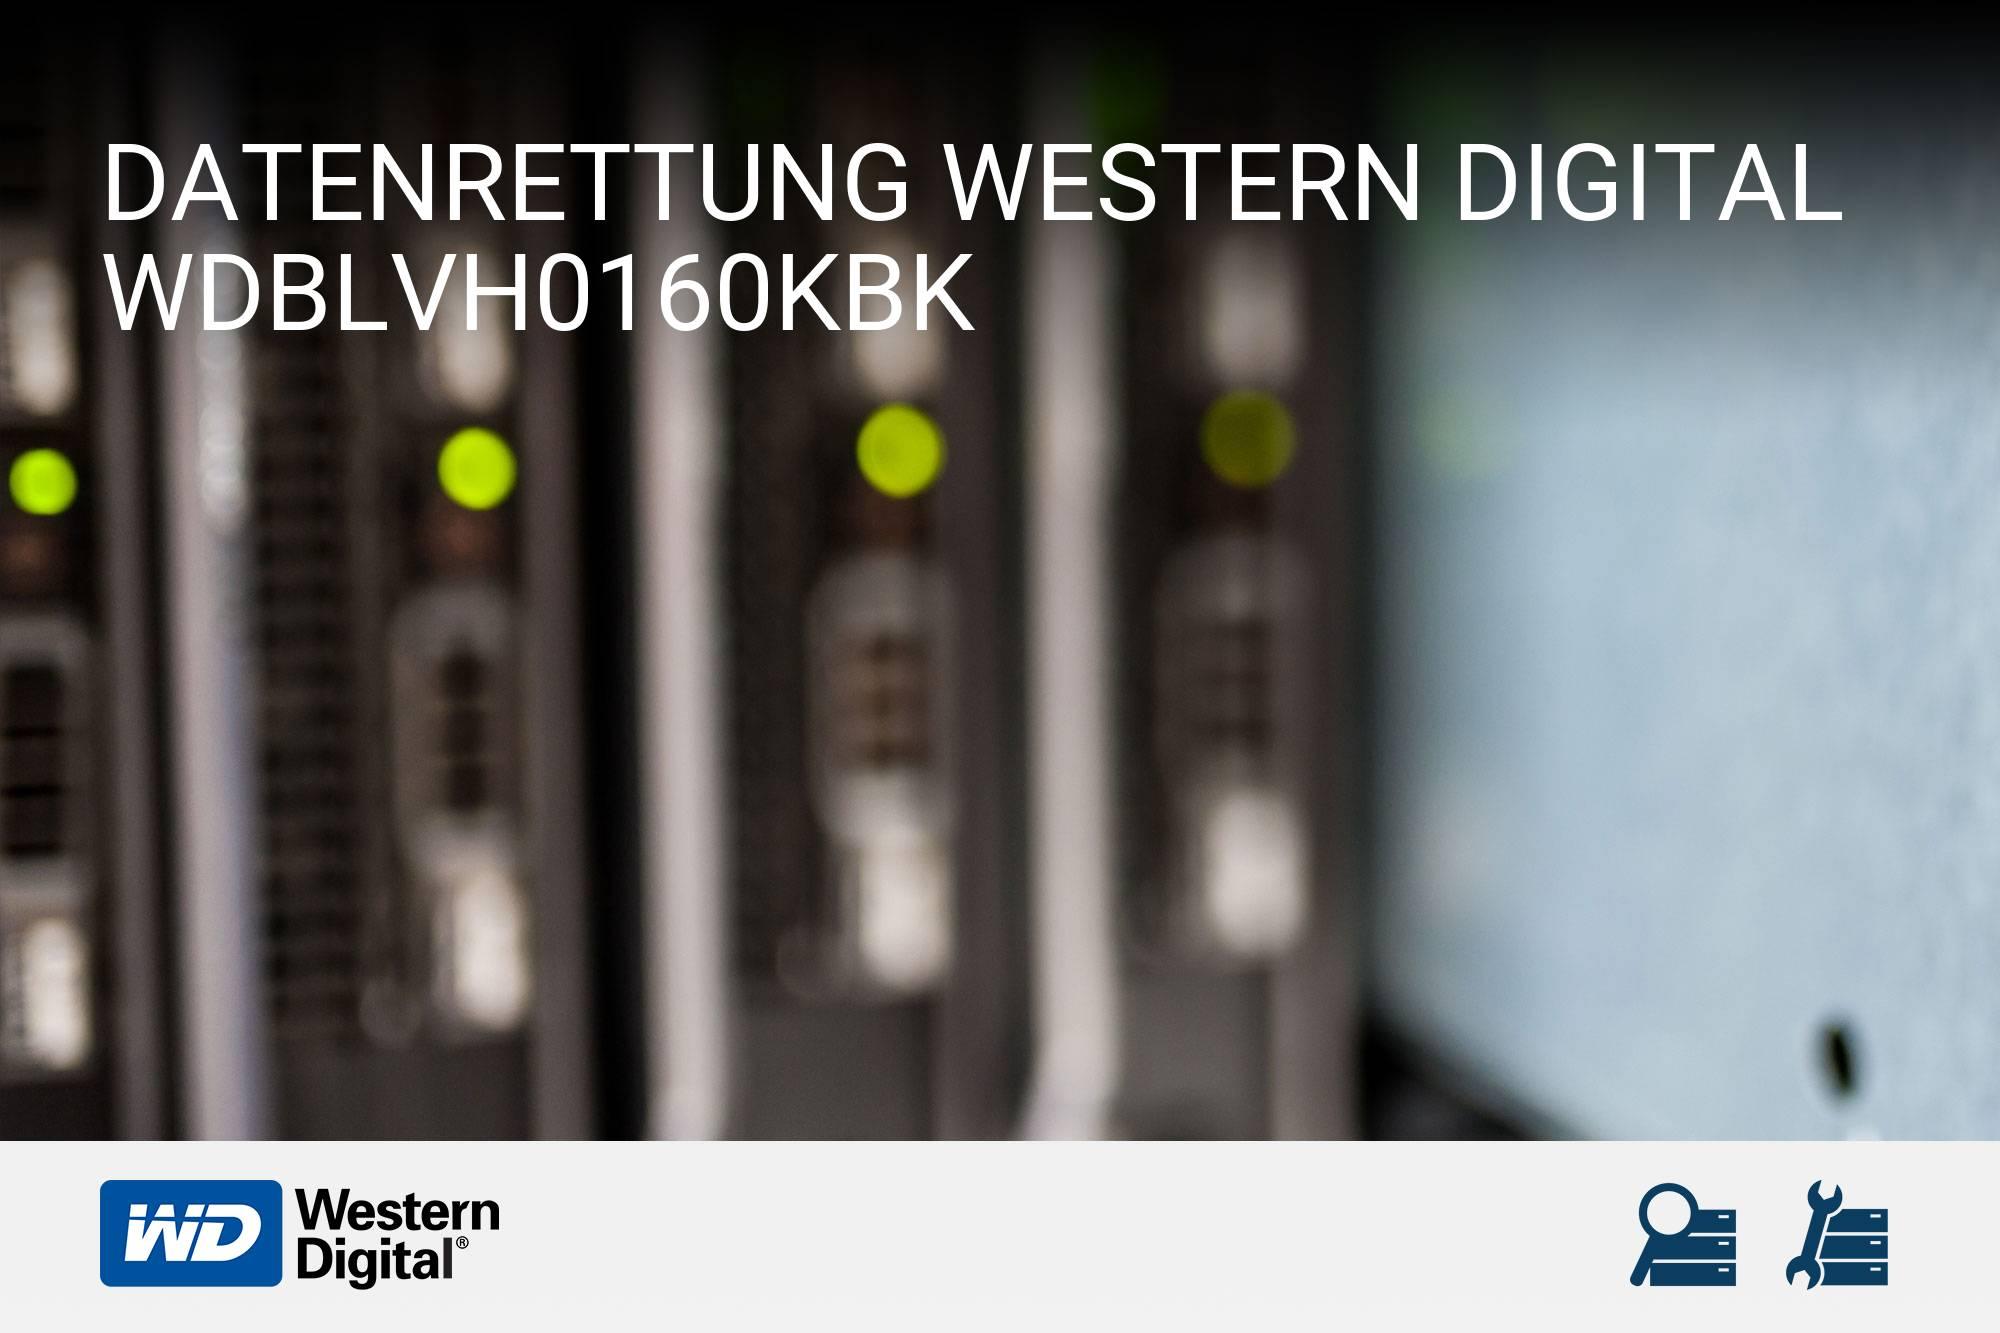 Western Digital WDBLVH0160KBK